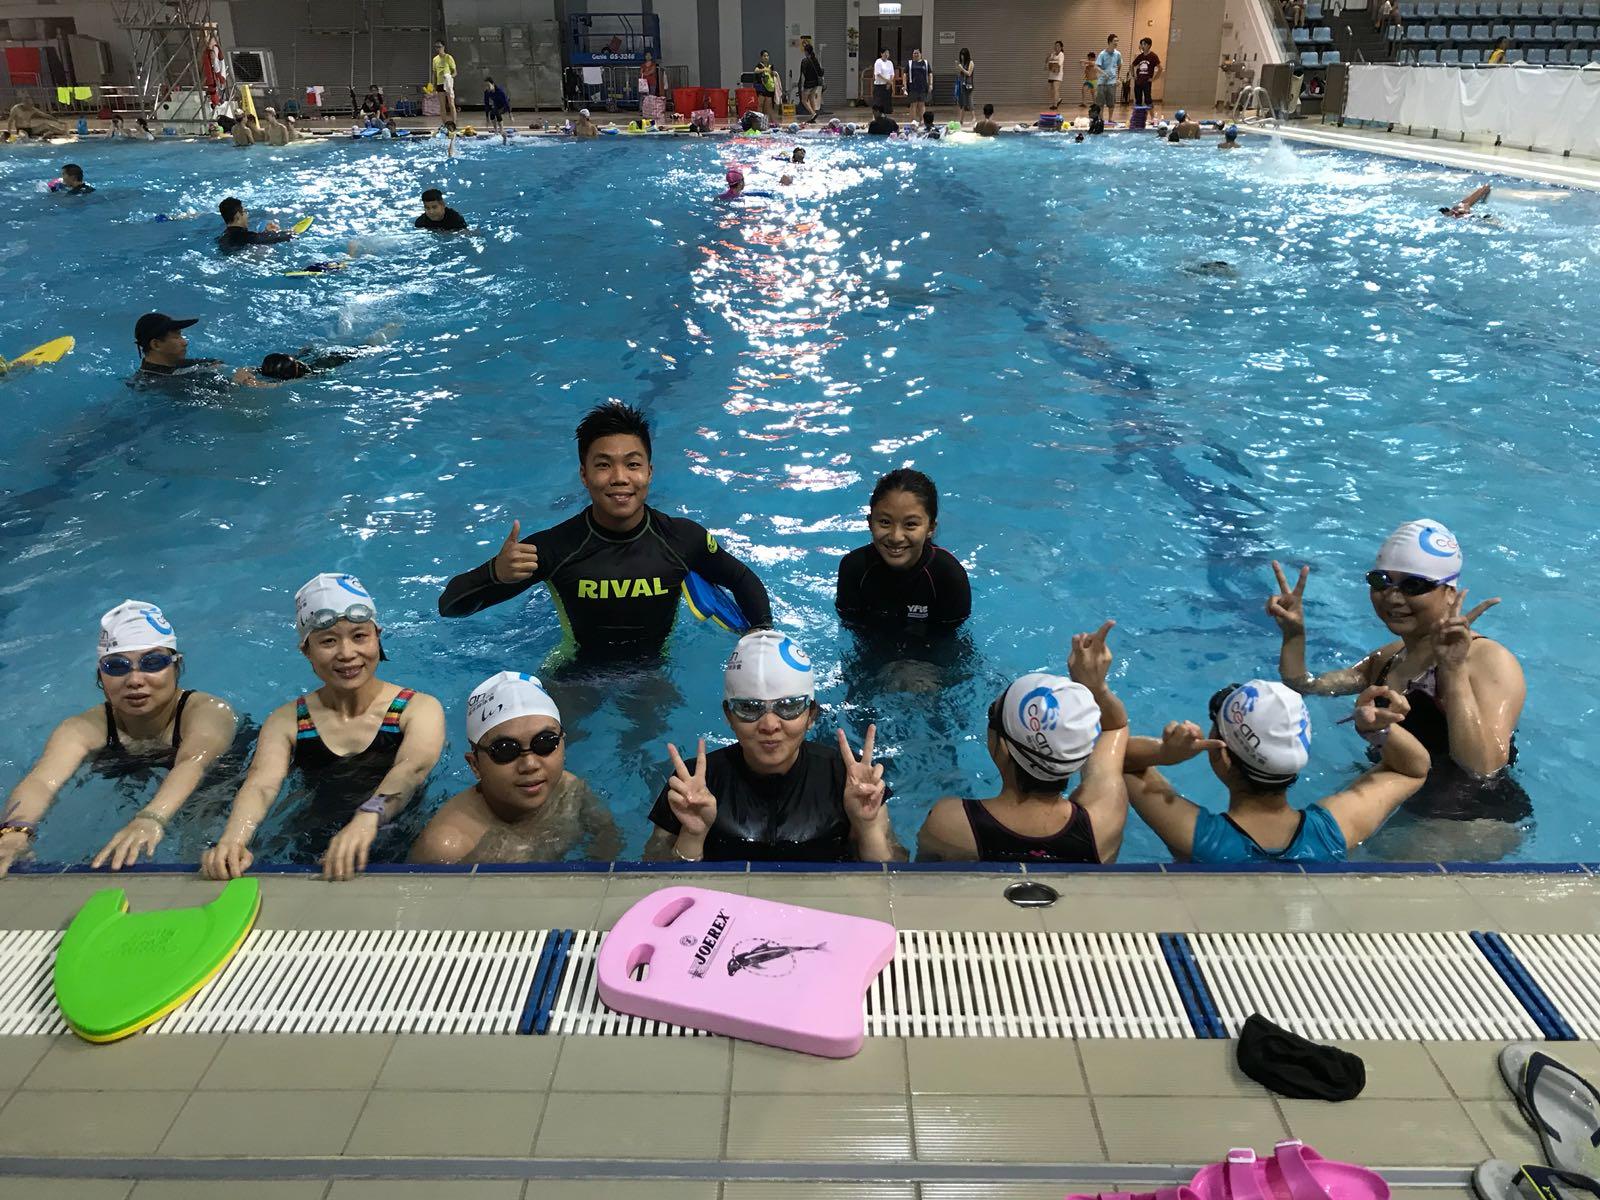 游泳班課程-成人游泳班-成人游泳課程-成人學游水-兒童游泳班-兒童游泳課程-傲洋游泳會